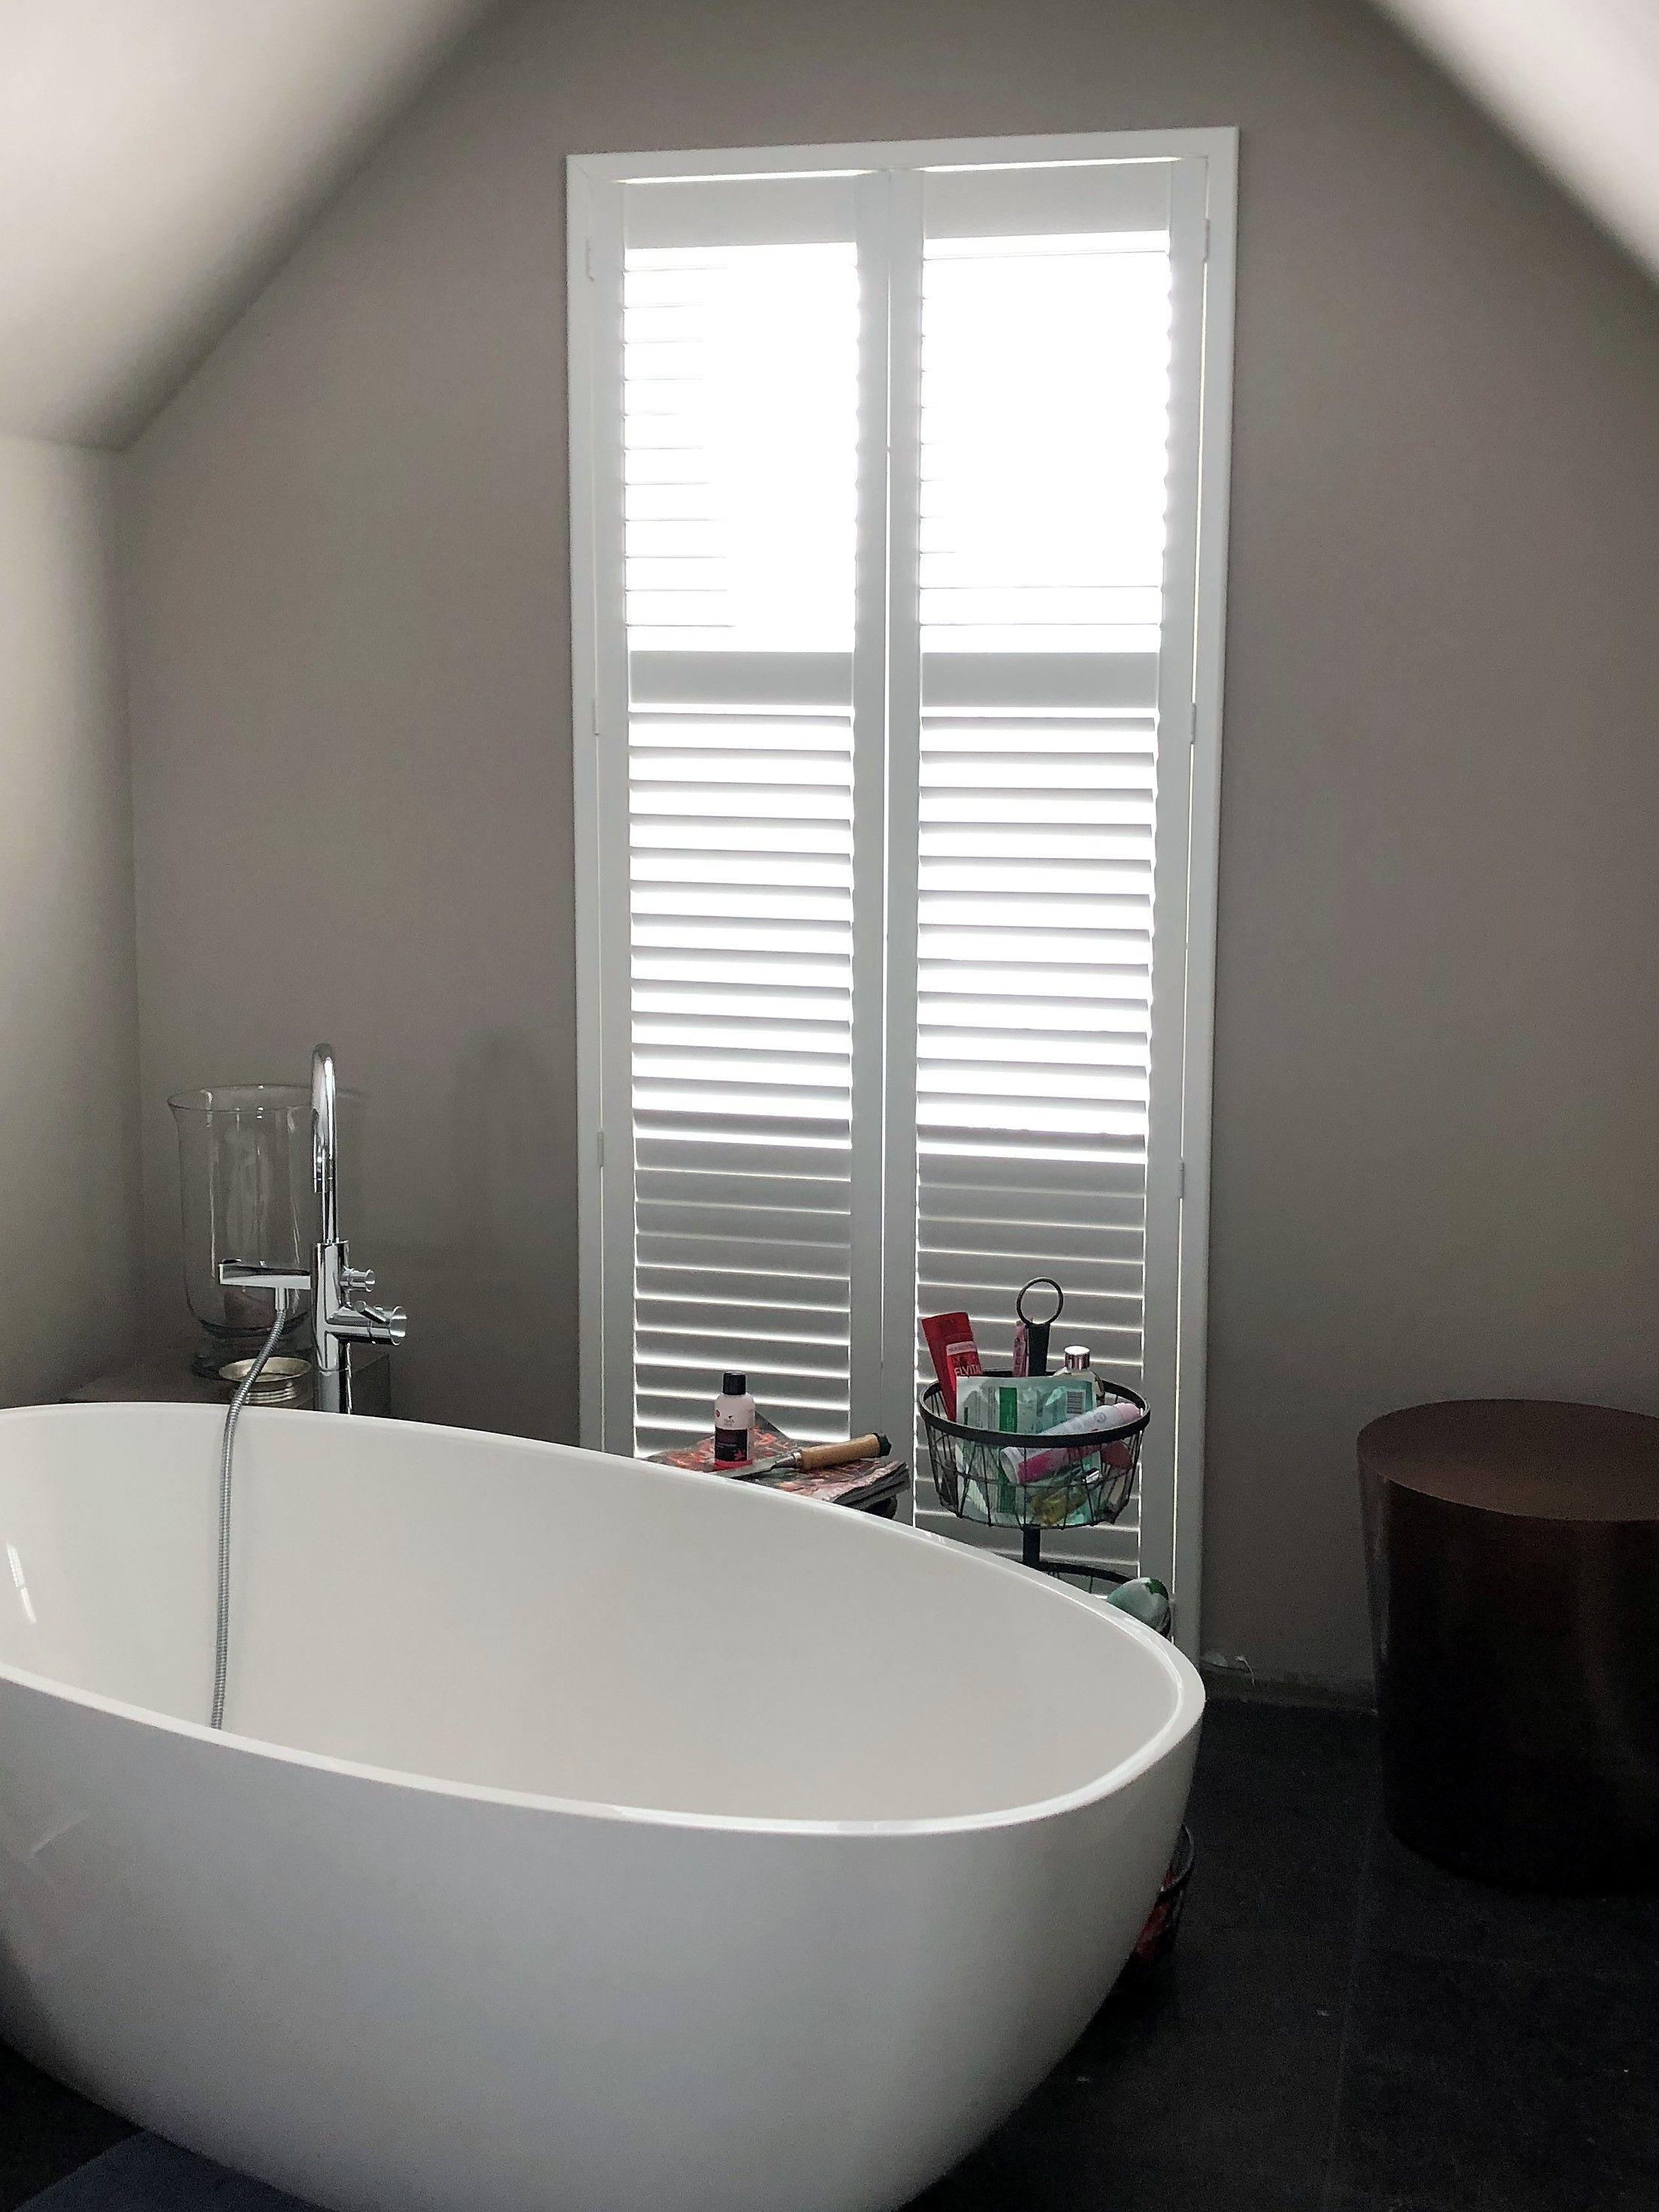 LivingShutters   Badezimmer ohne fenster, Badezimmer fotos ...